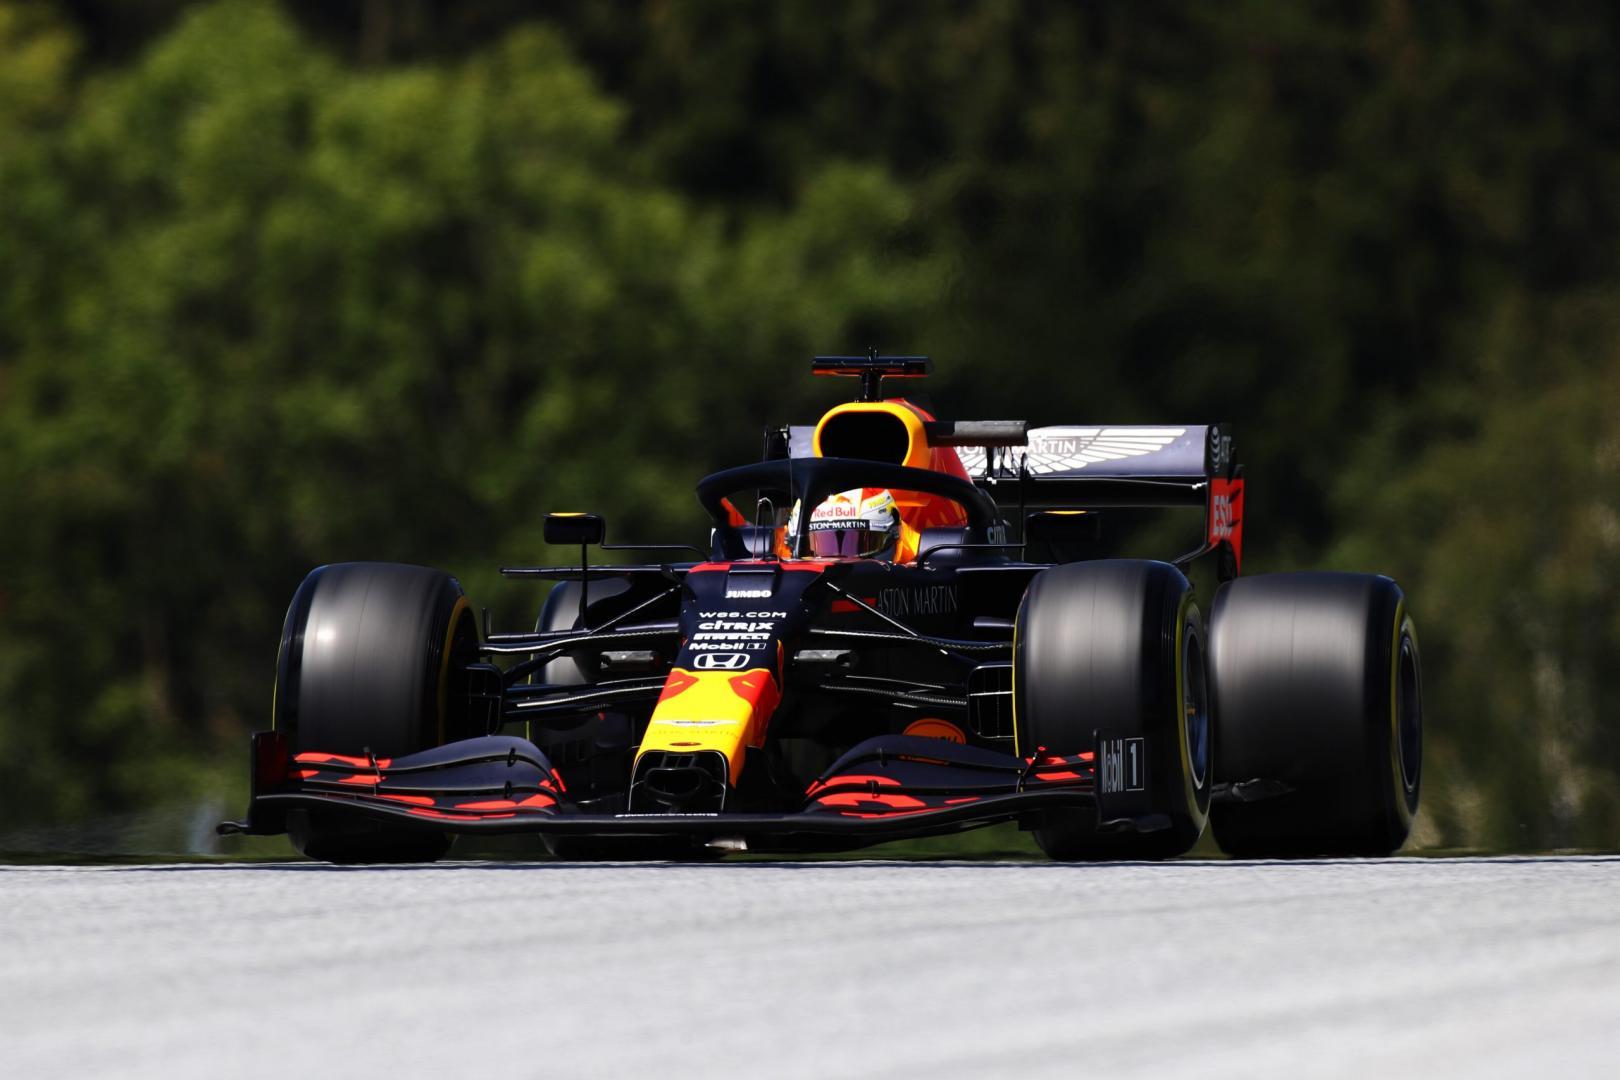 1e vrije training van de tweede GP van Oostenrijk 2020